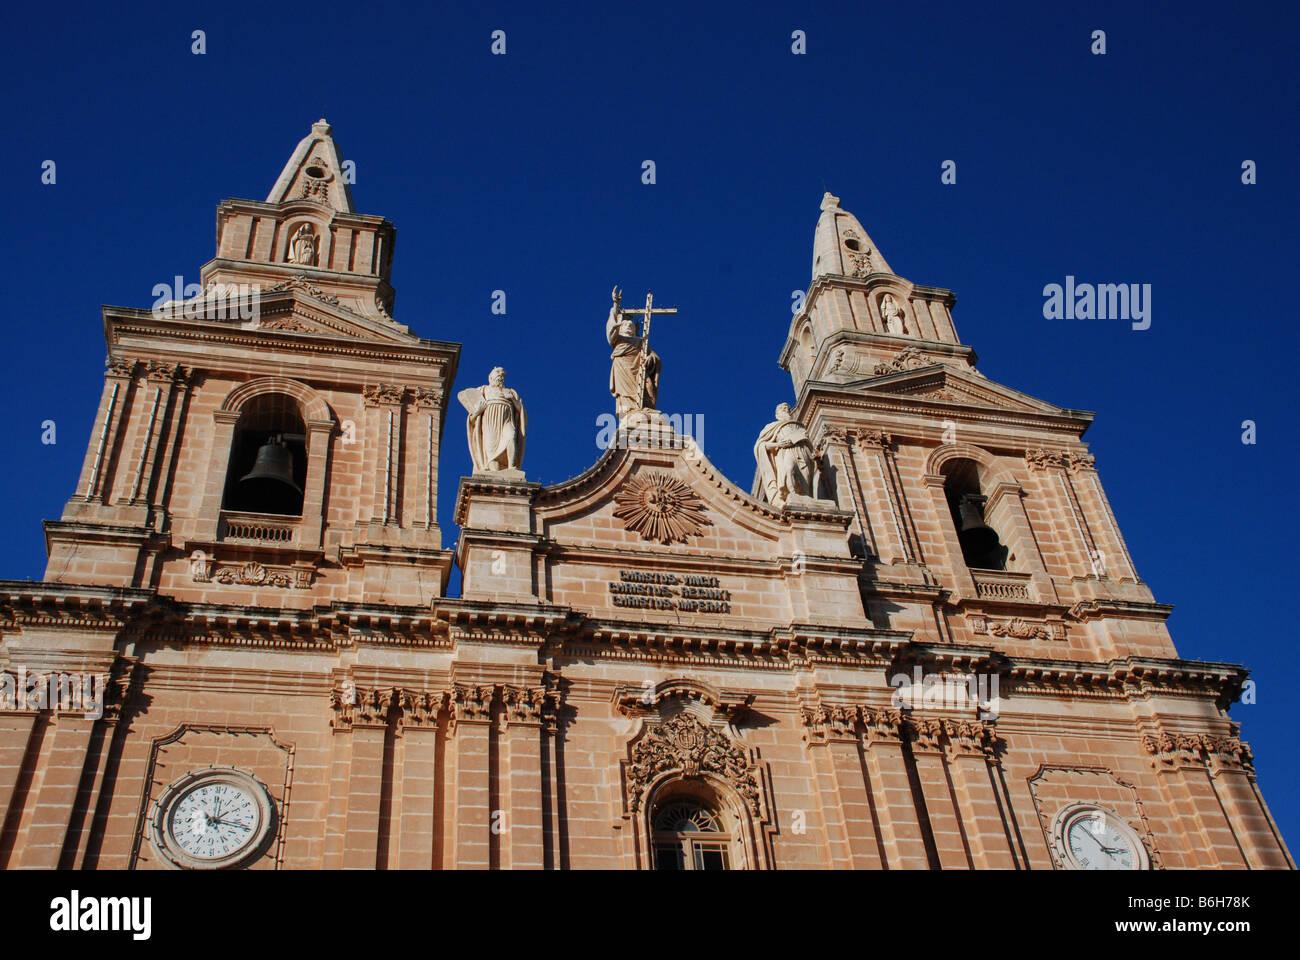 Eglise st nicolas im genes de stock eglise st nicolas fotos de stock alamy - Hopital saint nicolas de port ...